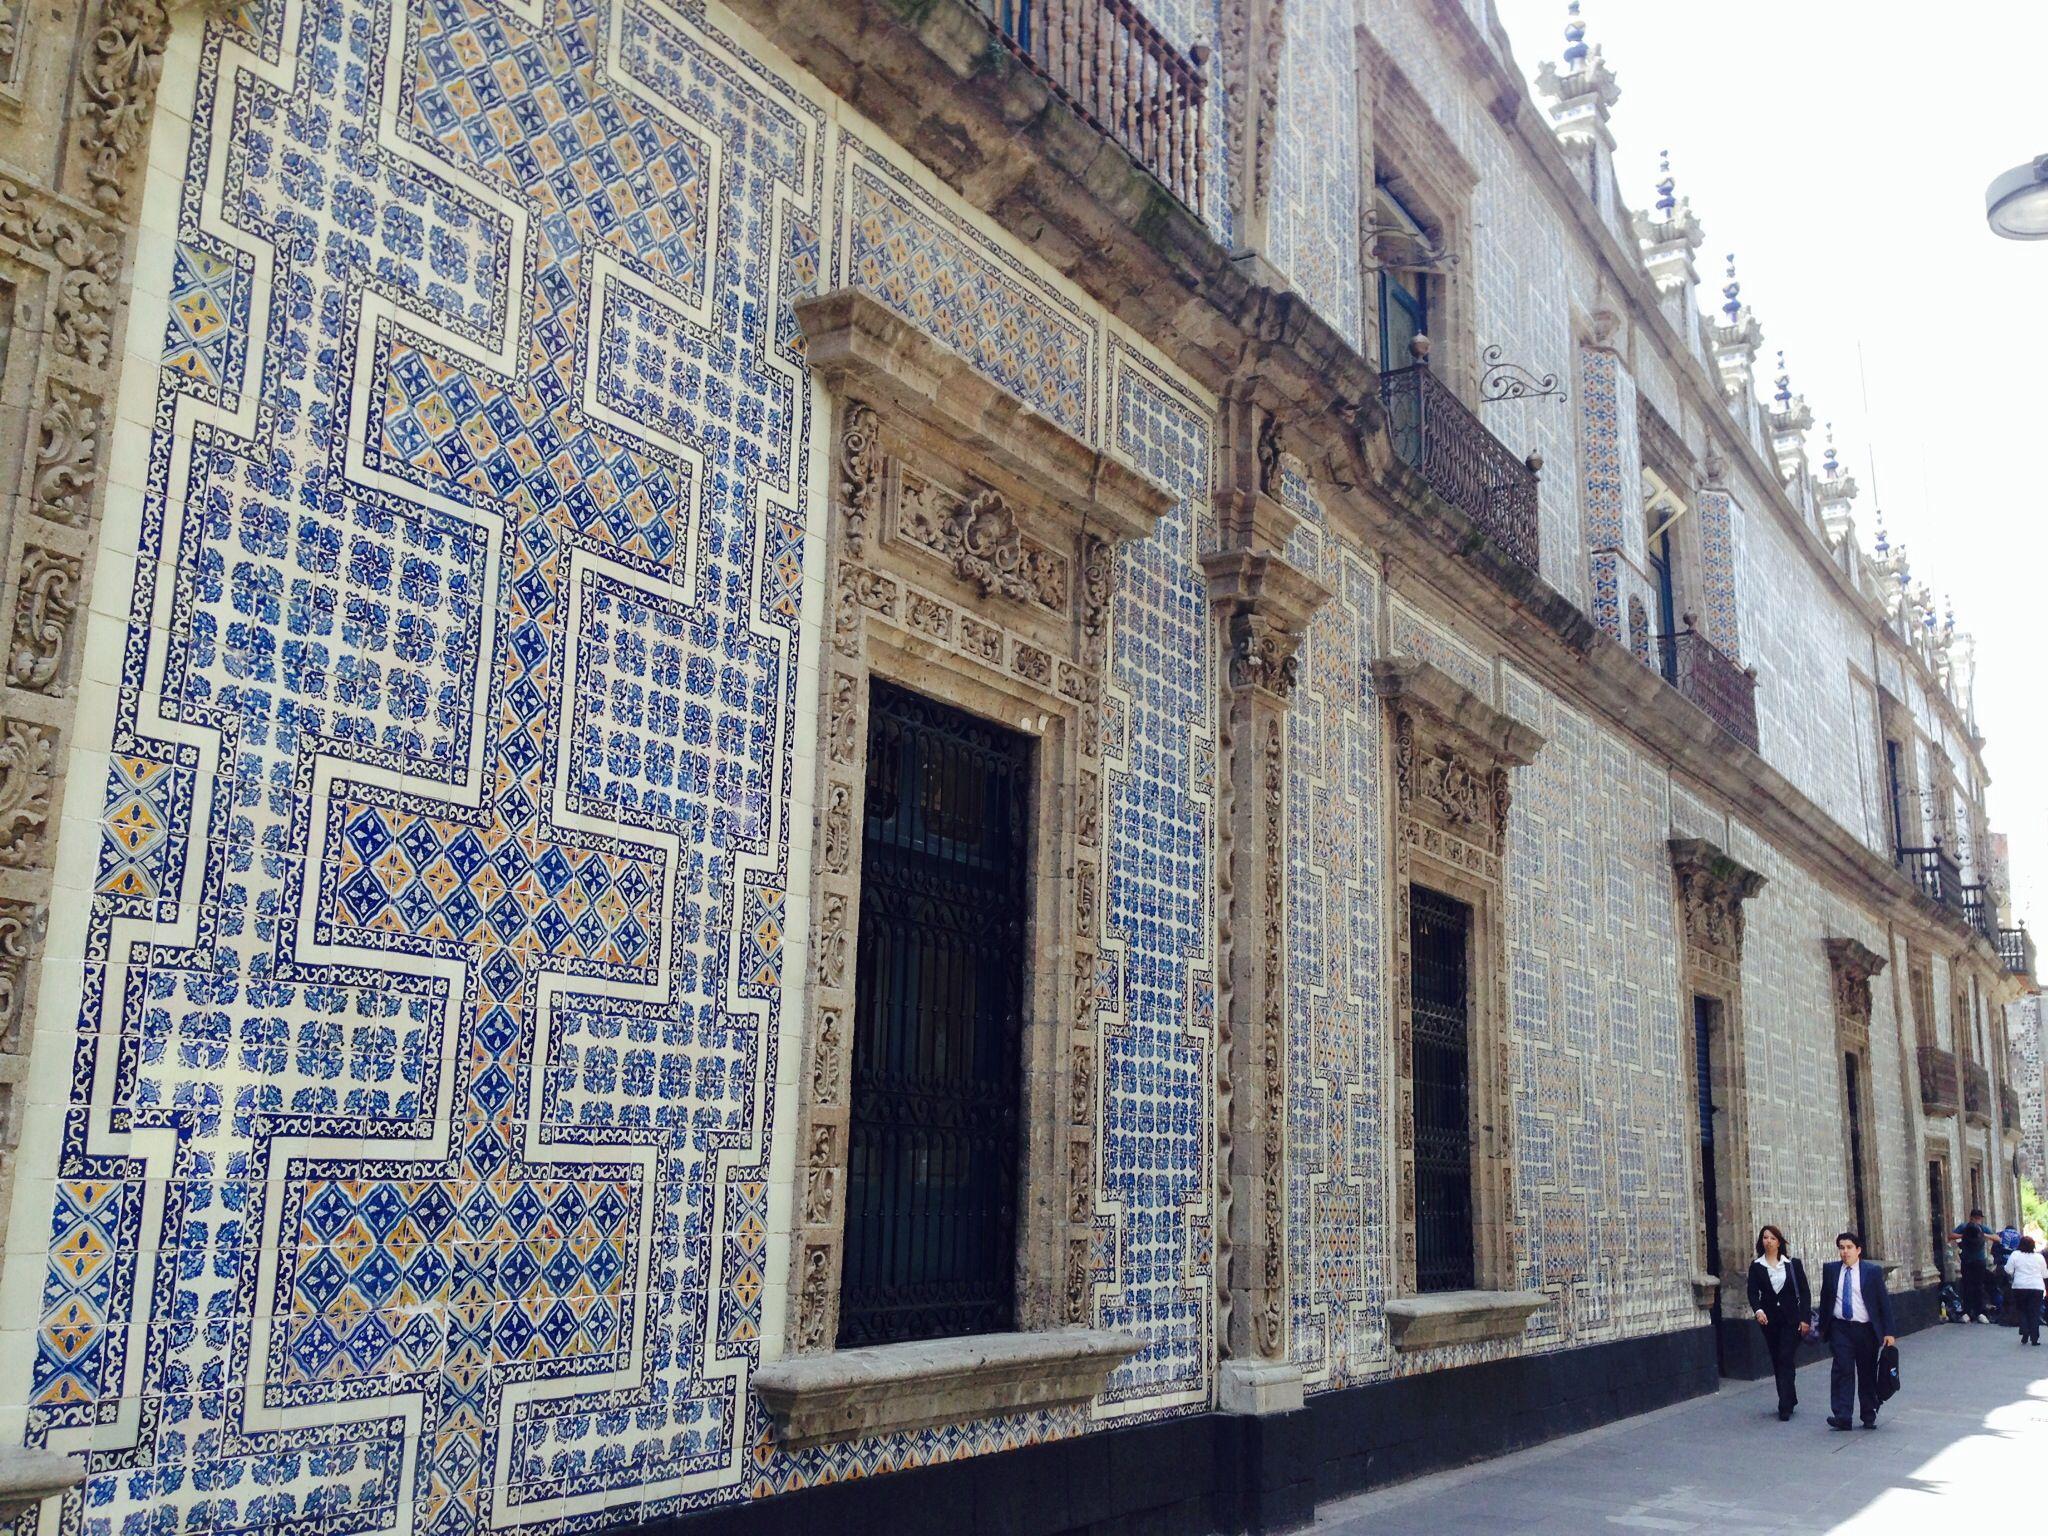 La casa de los azulejos m xico df m xico de mis amores for Azulejos en mexico df